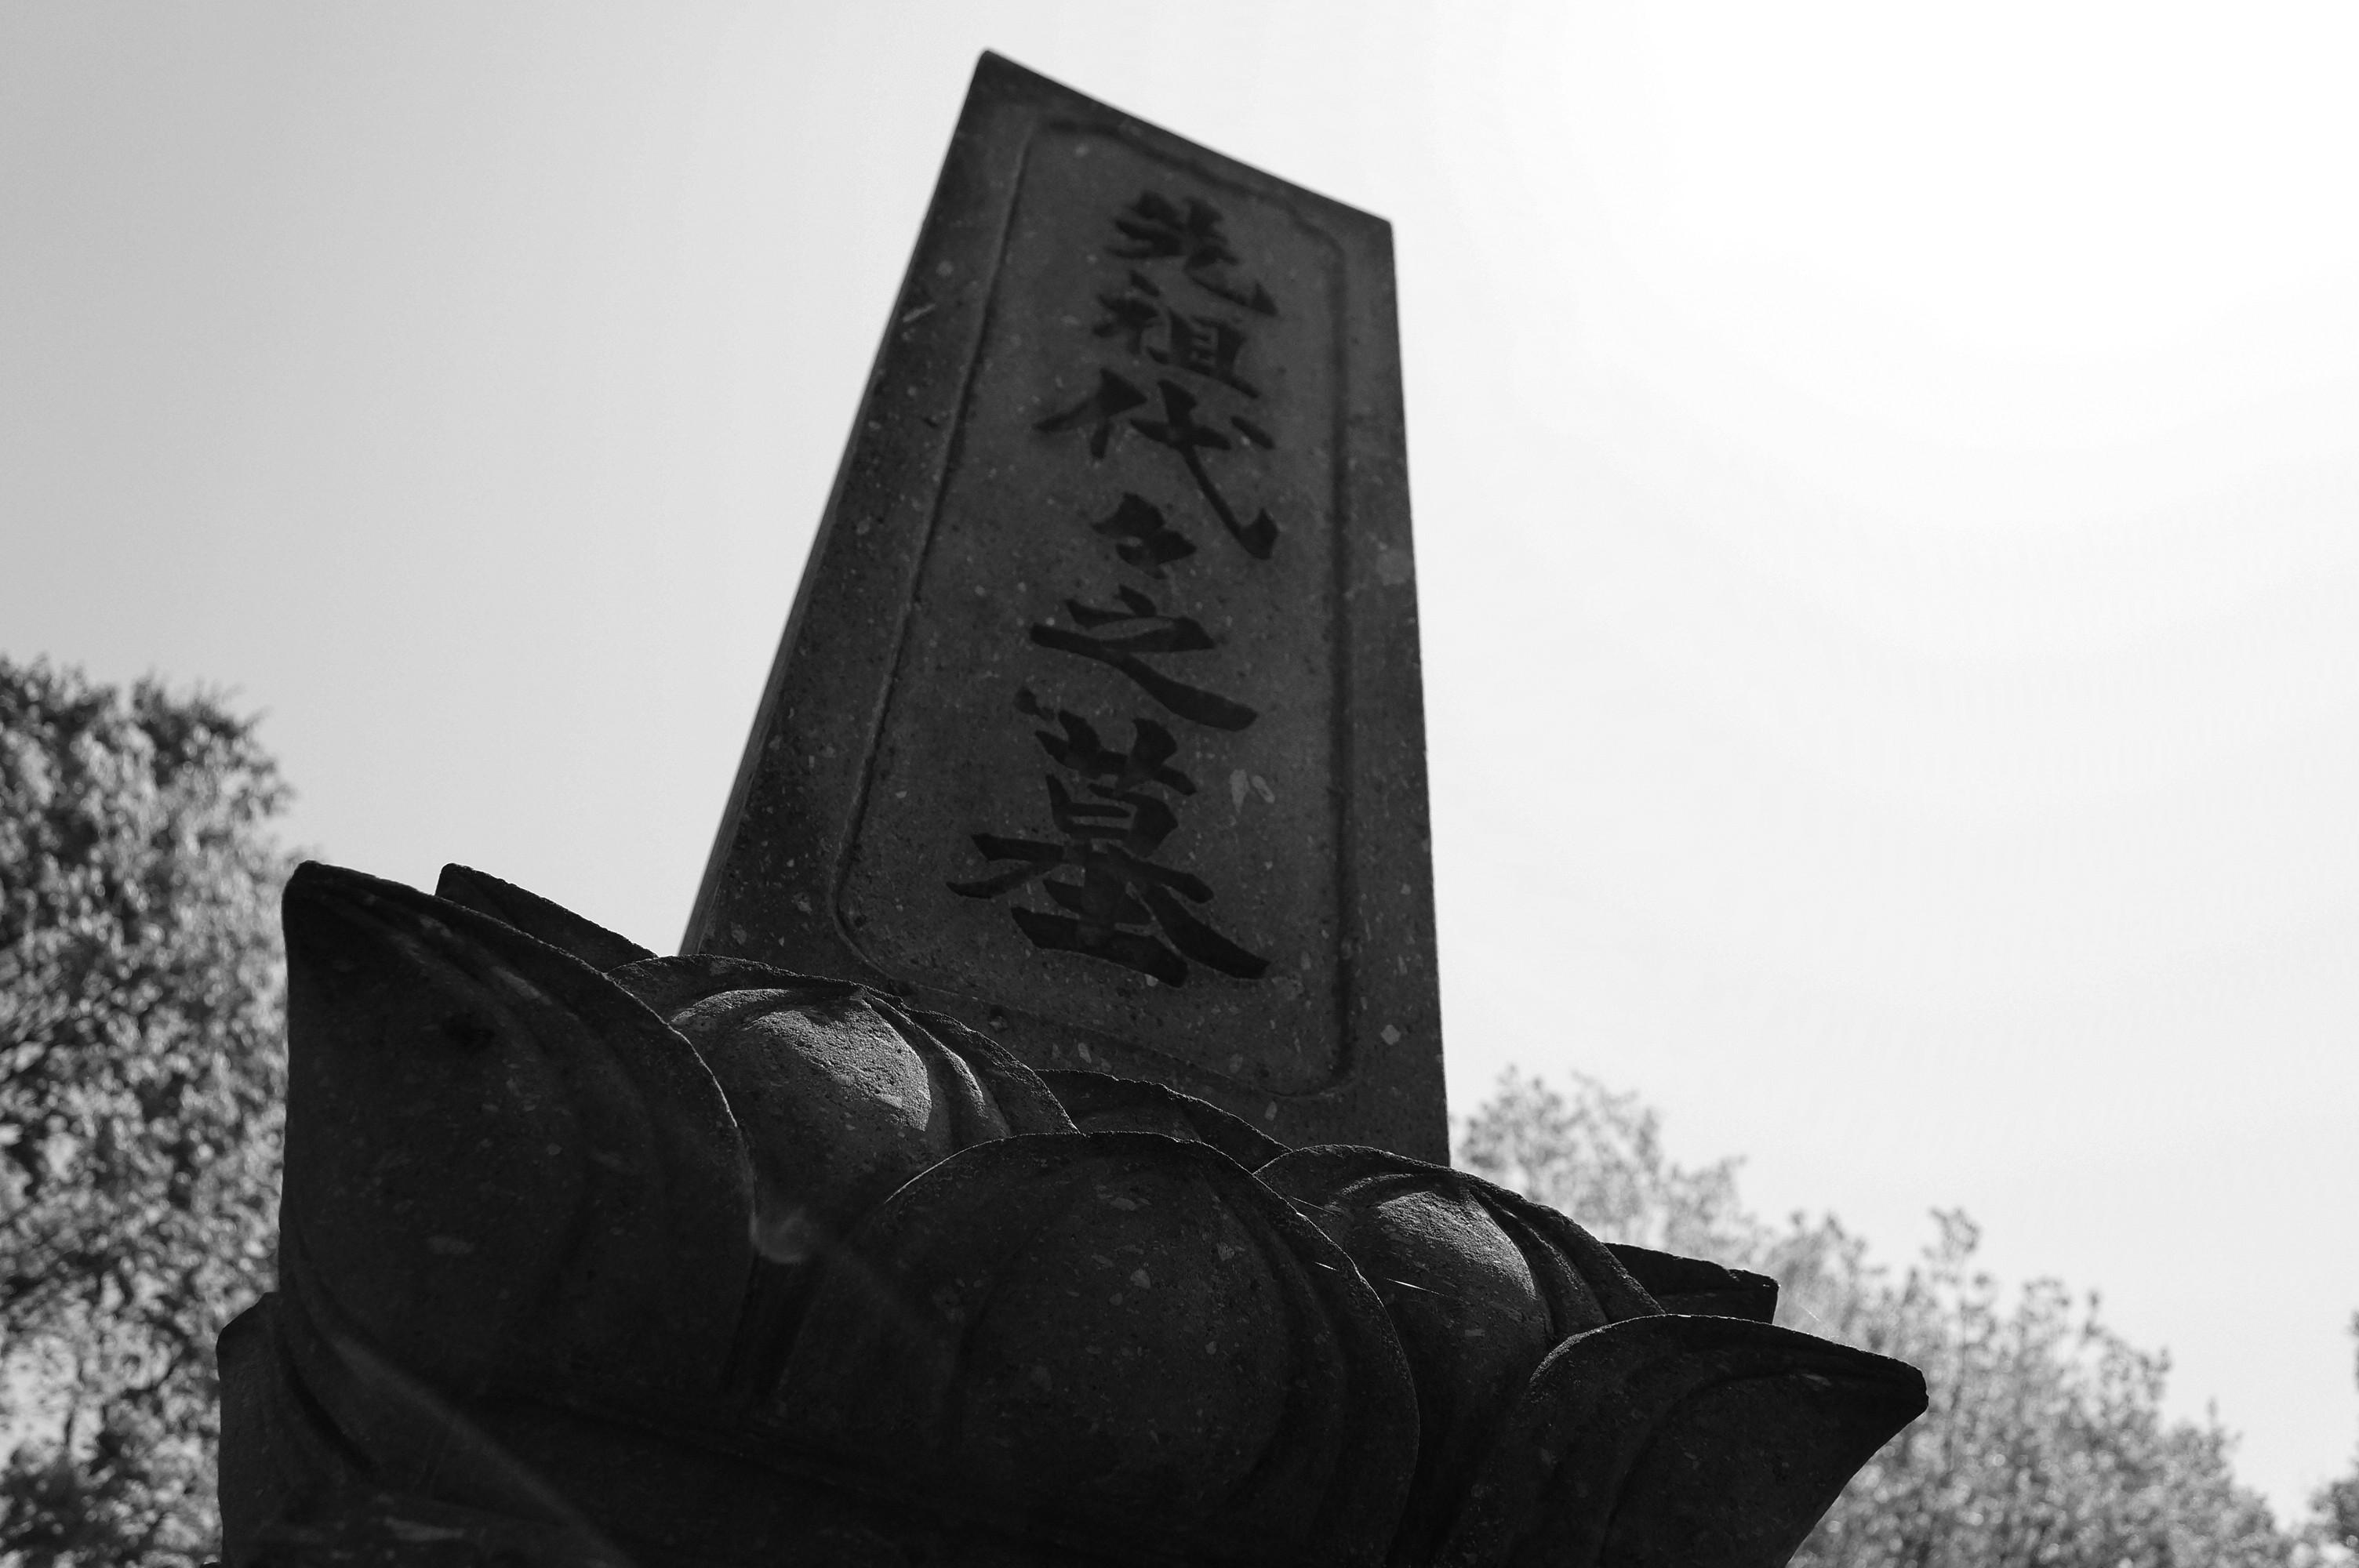 墓地、埋葬等に関する法律